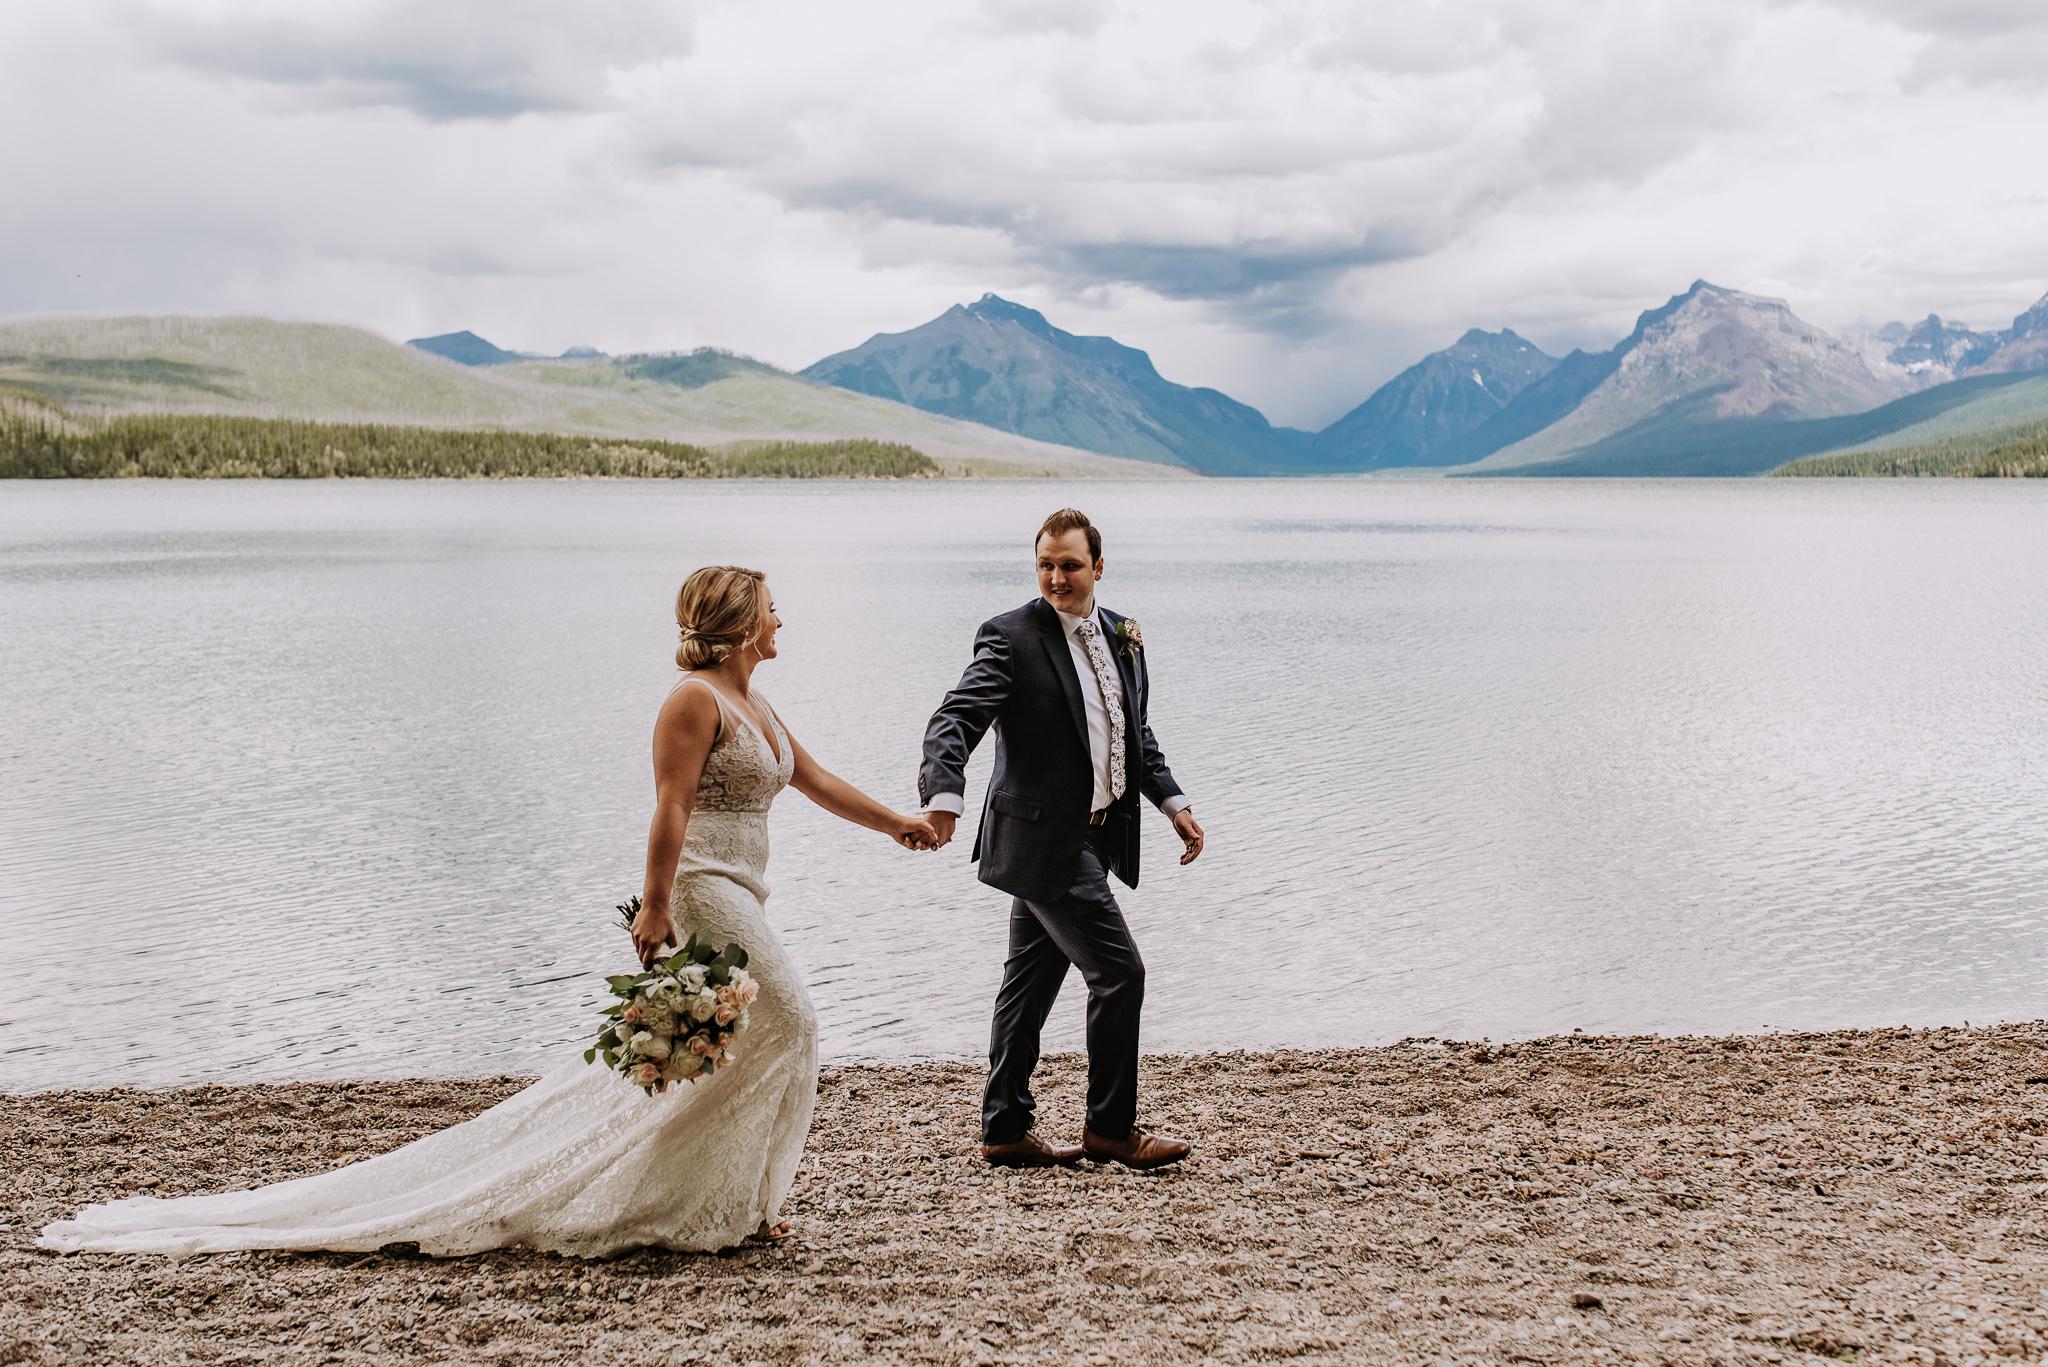 glacier-park-wedding-34.jpg